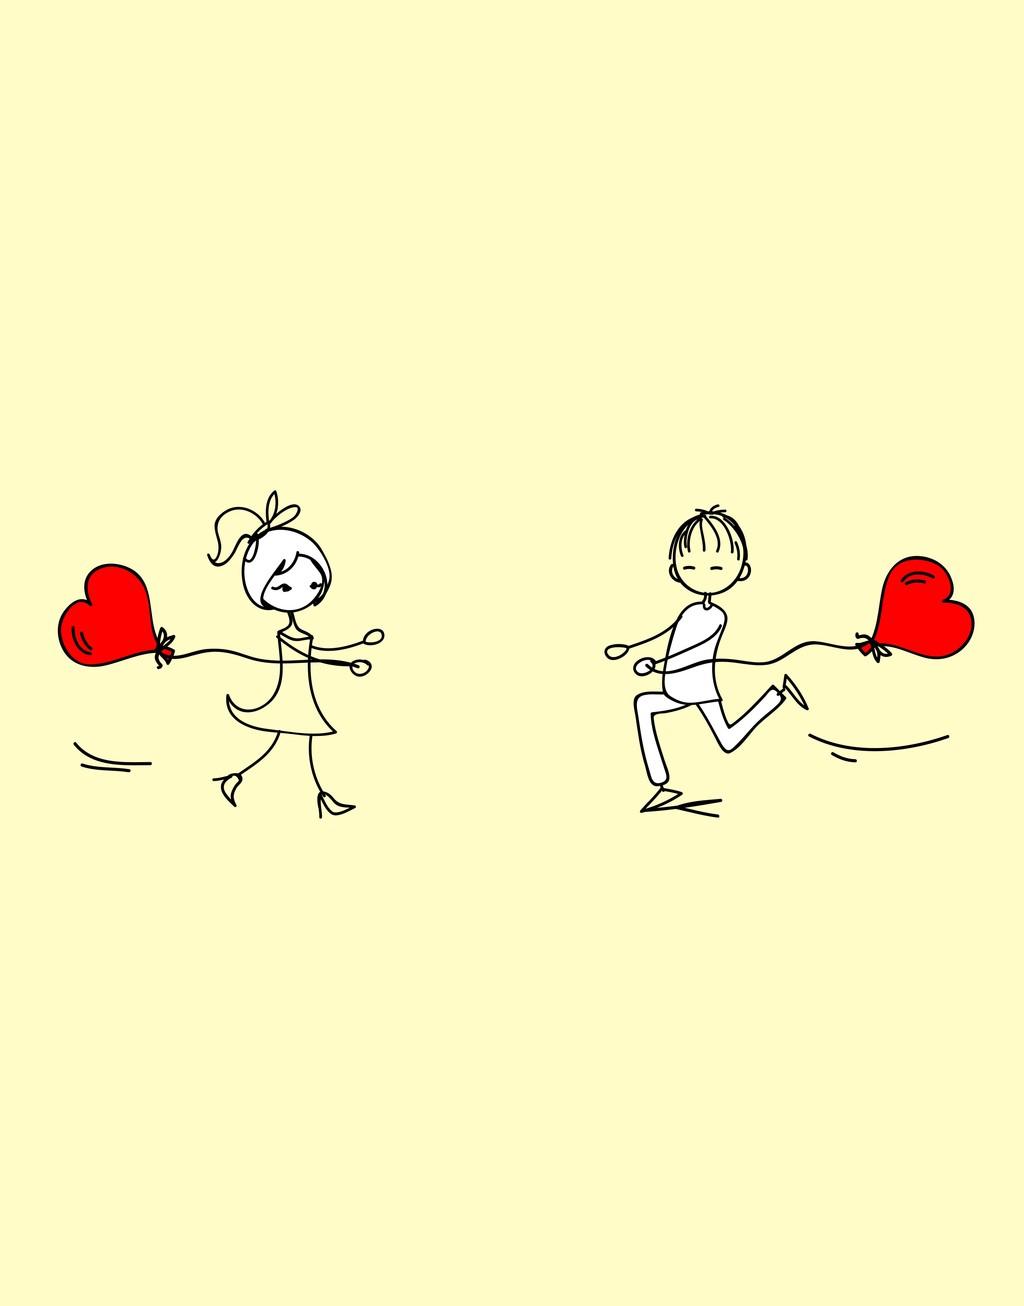 卡通动漫矢量人物情侣情人节素材心形图片